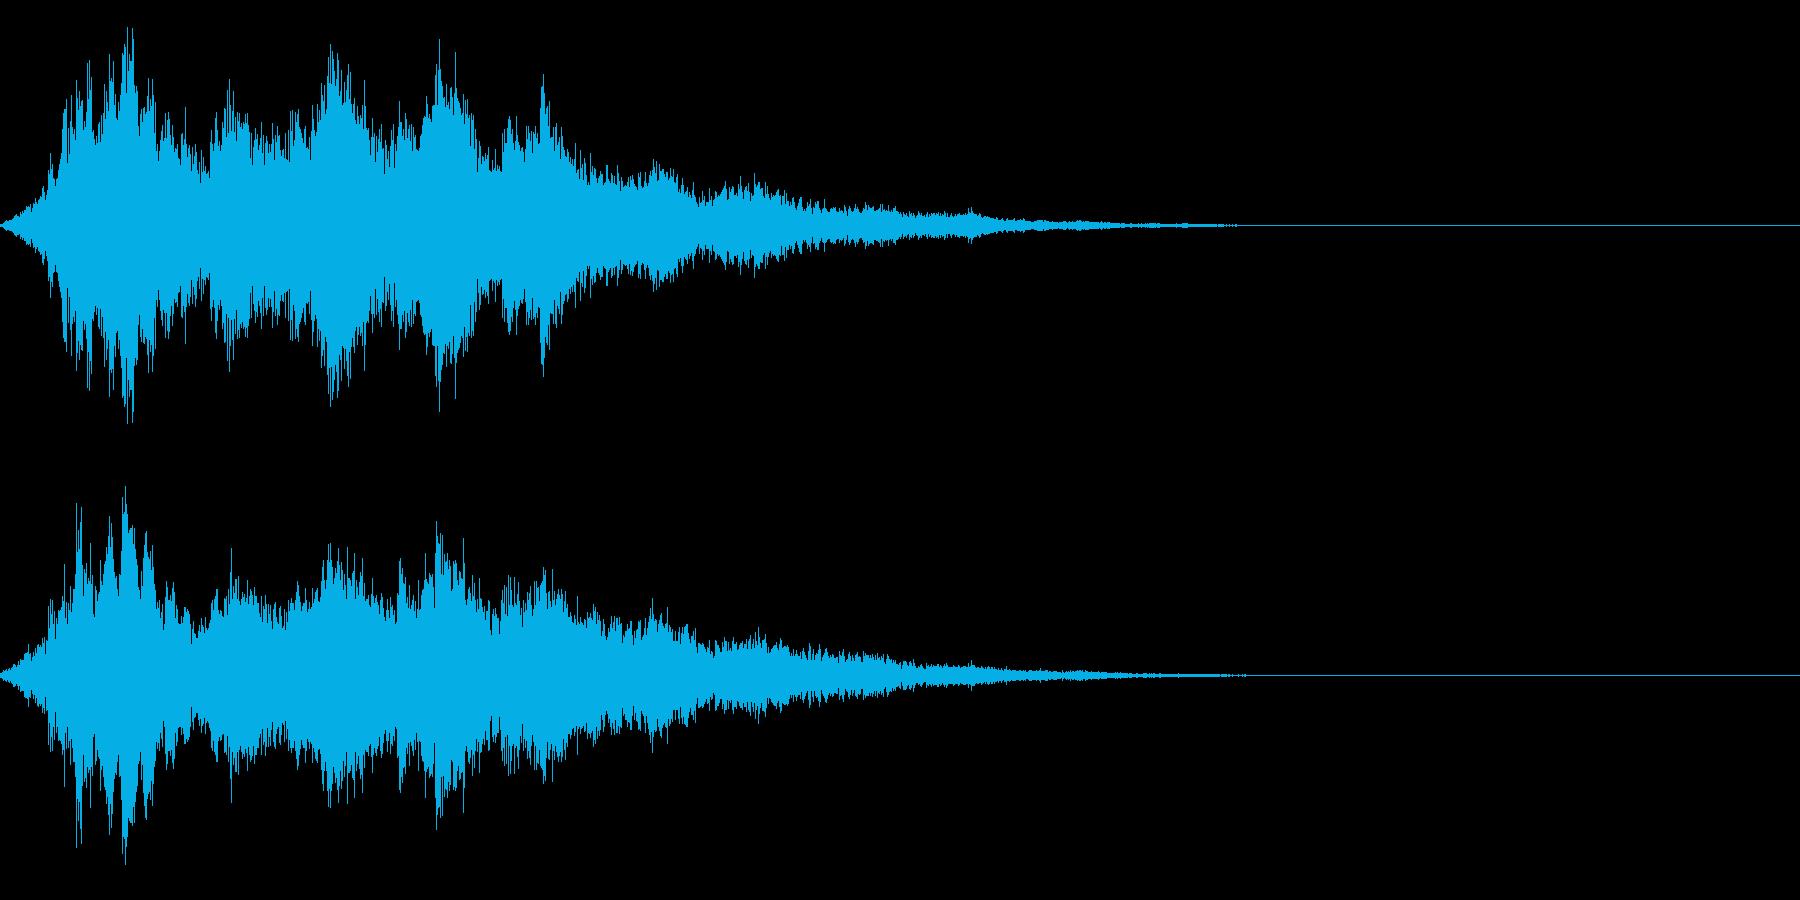 キラキラ☆シャキーン(輝きや魔法など)4の再生済みの波形